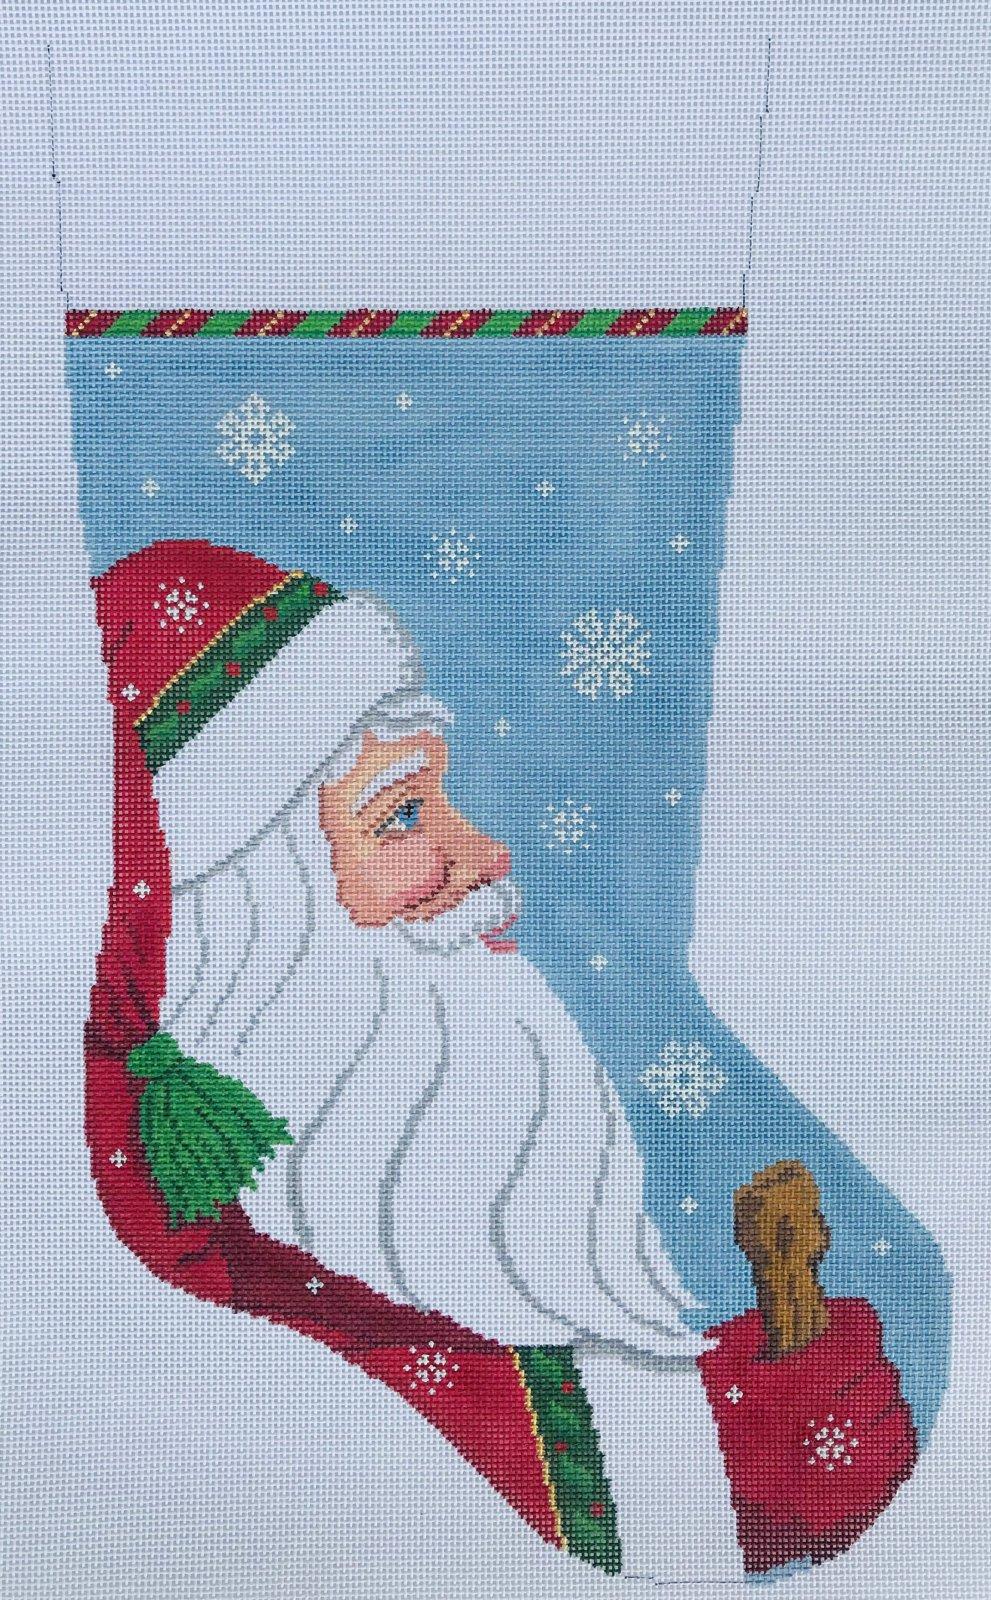 Stocking Snowing Santa